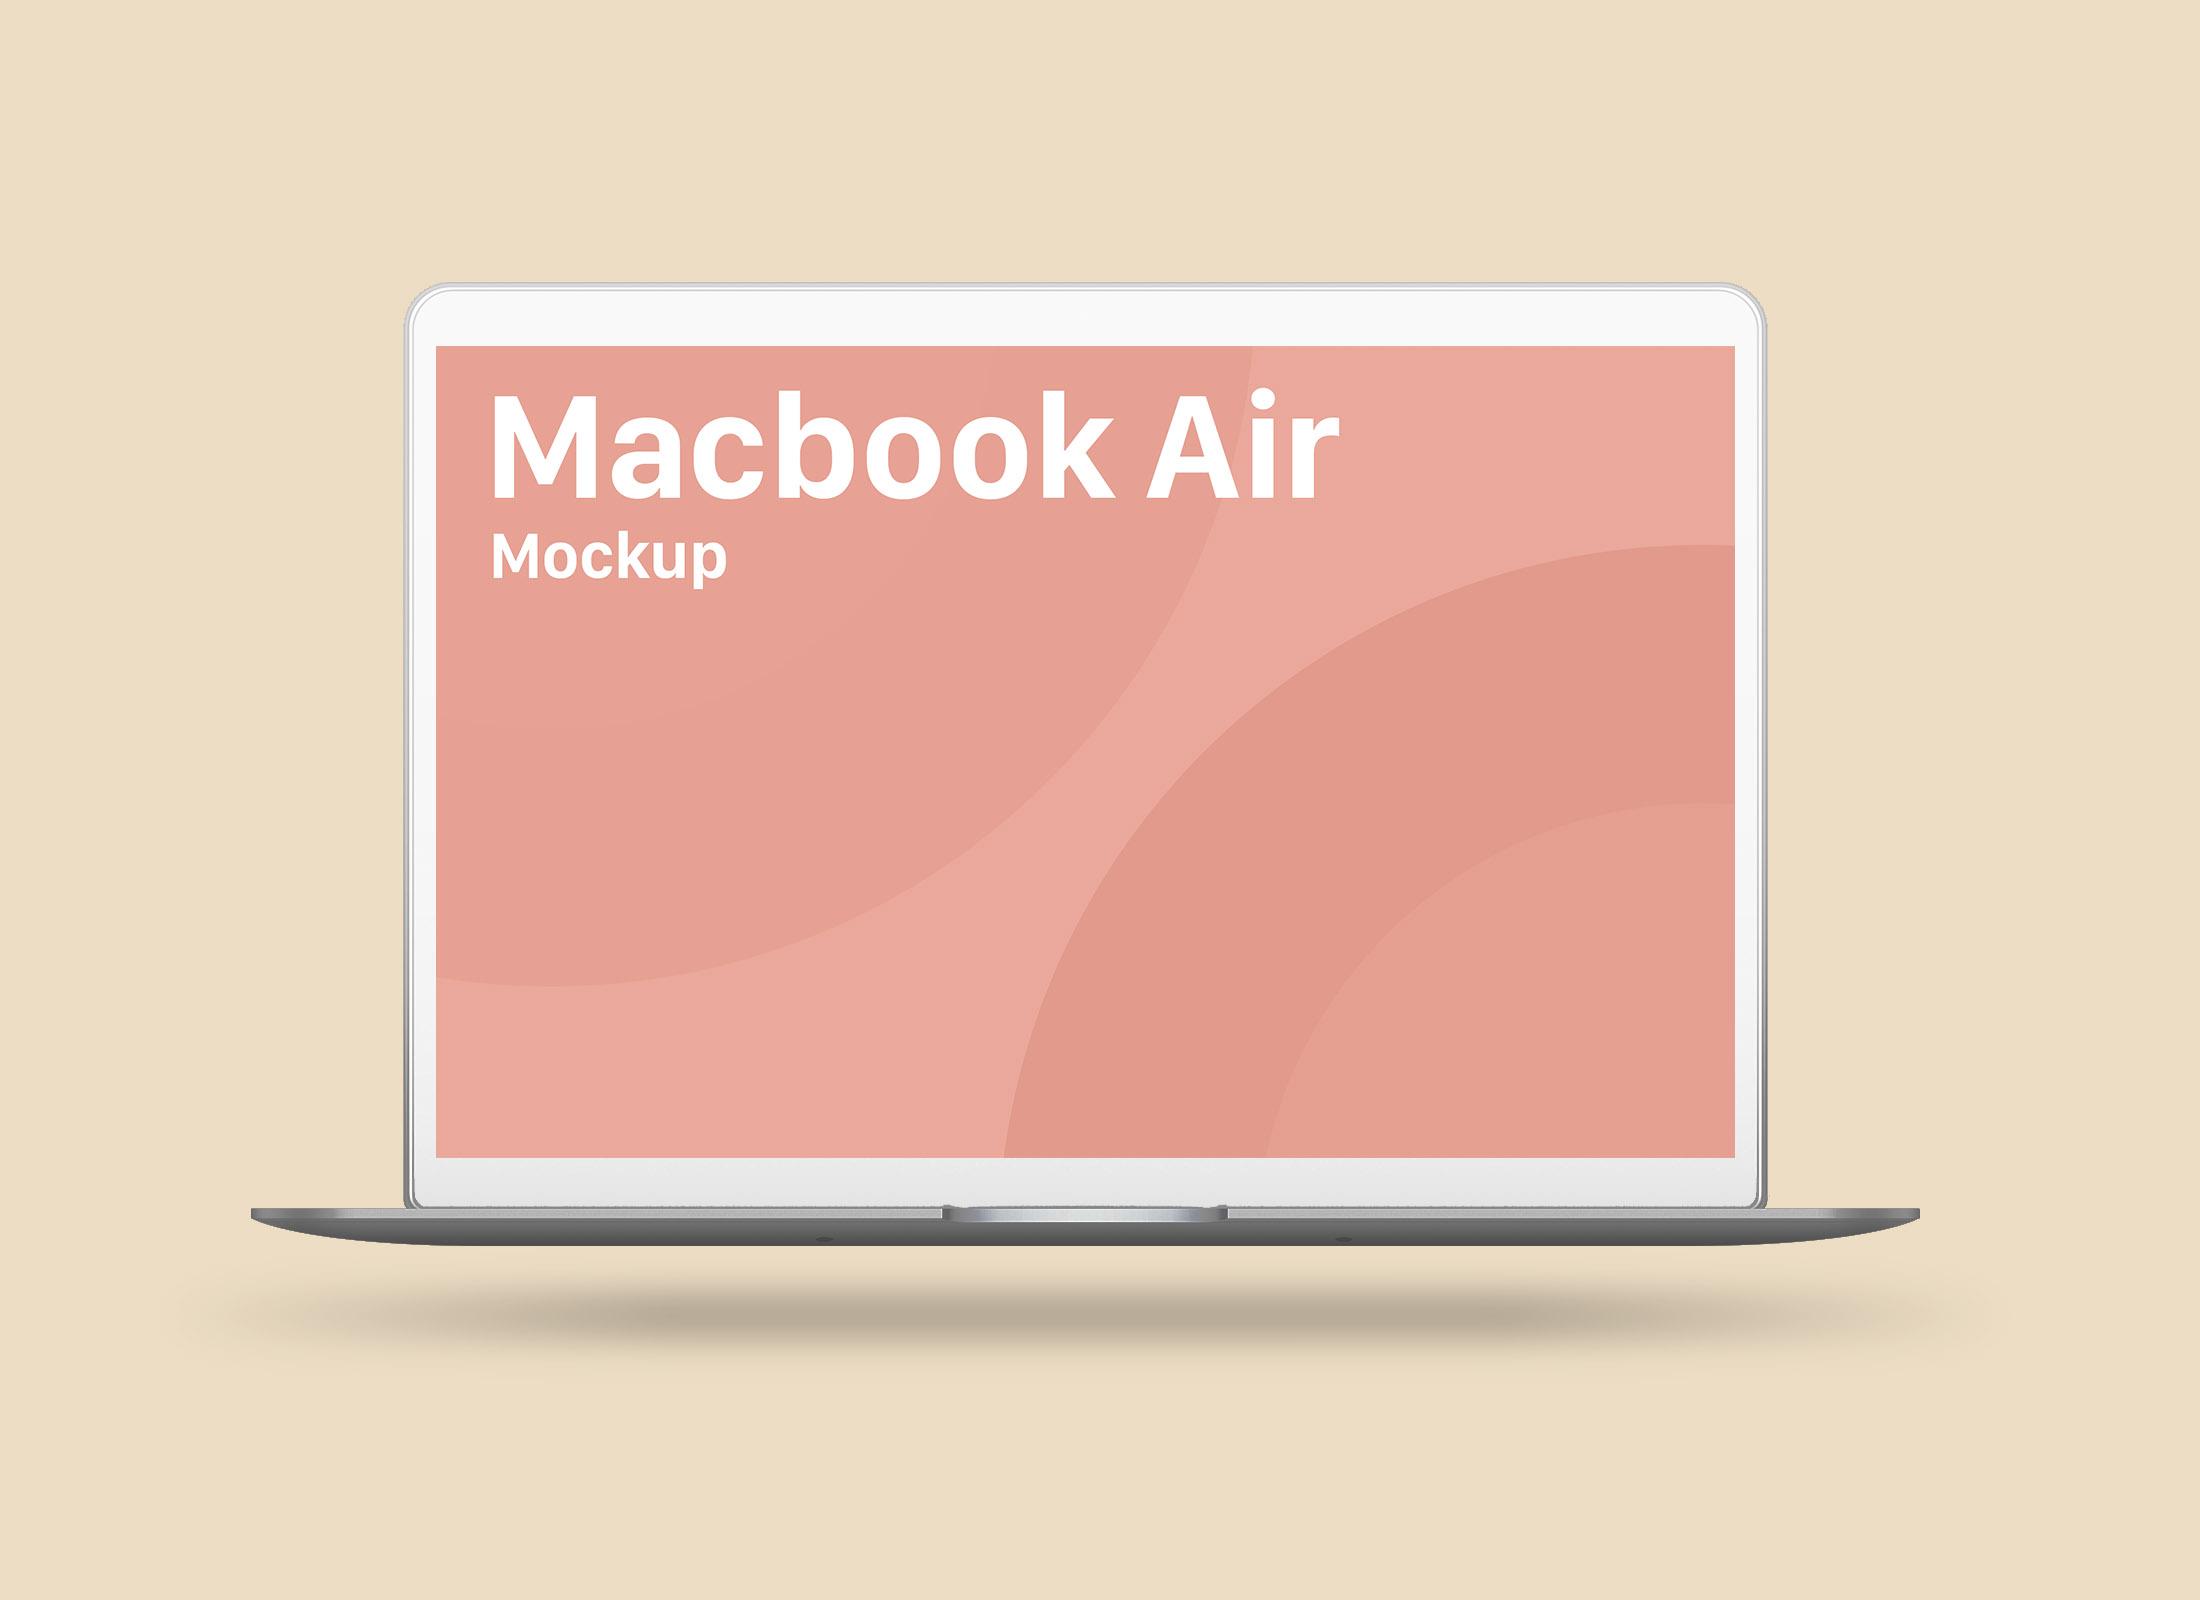 Silver Macbook Air Freebies.jpg